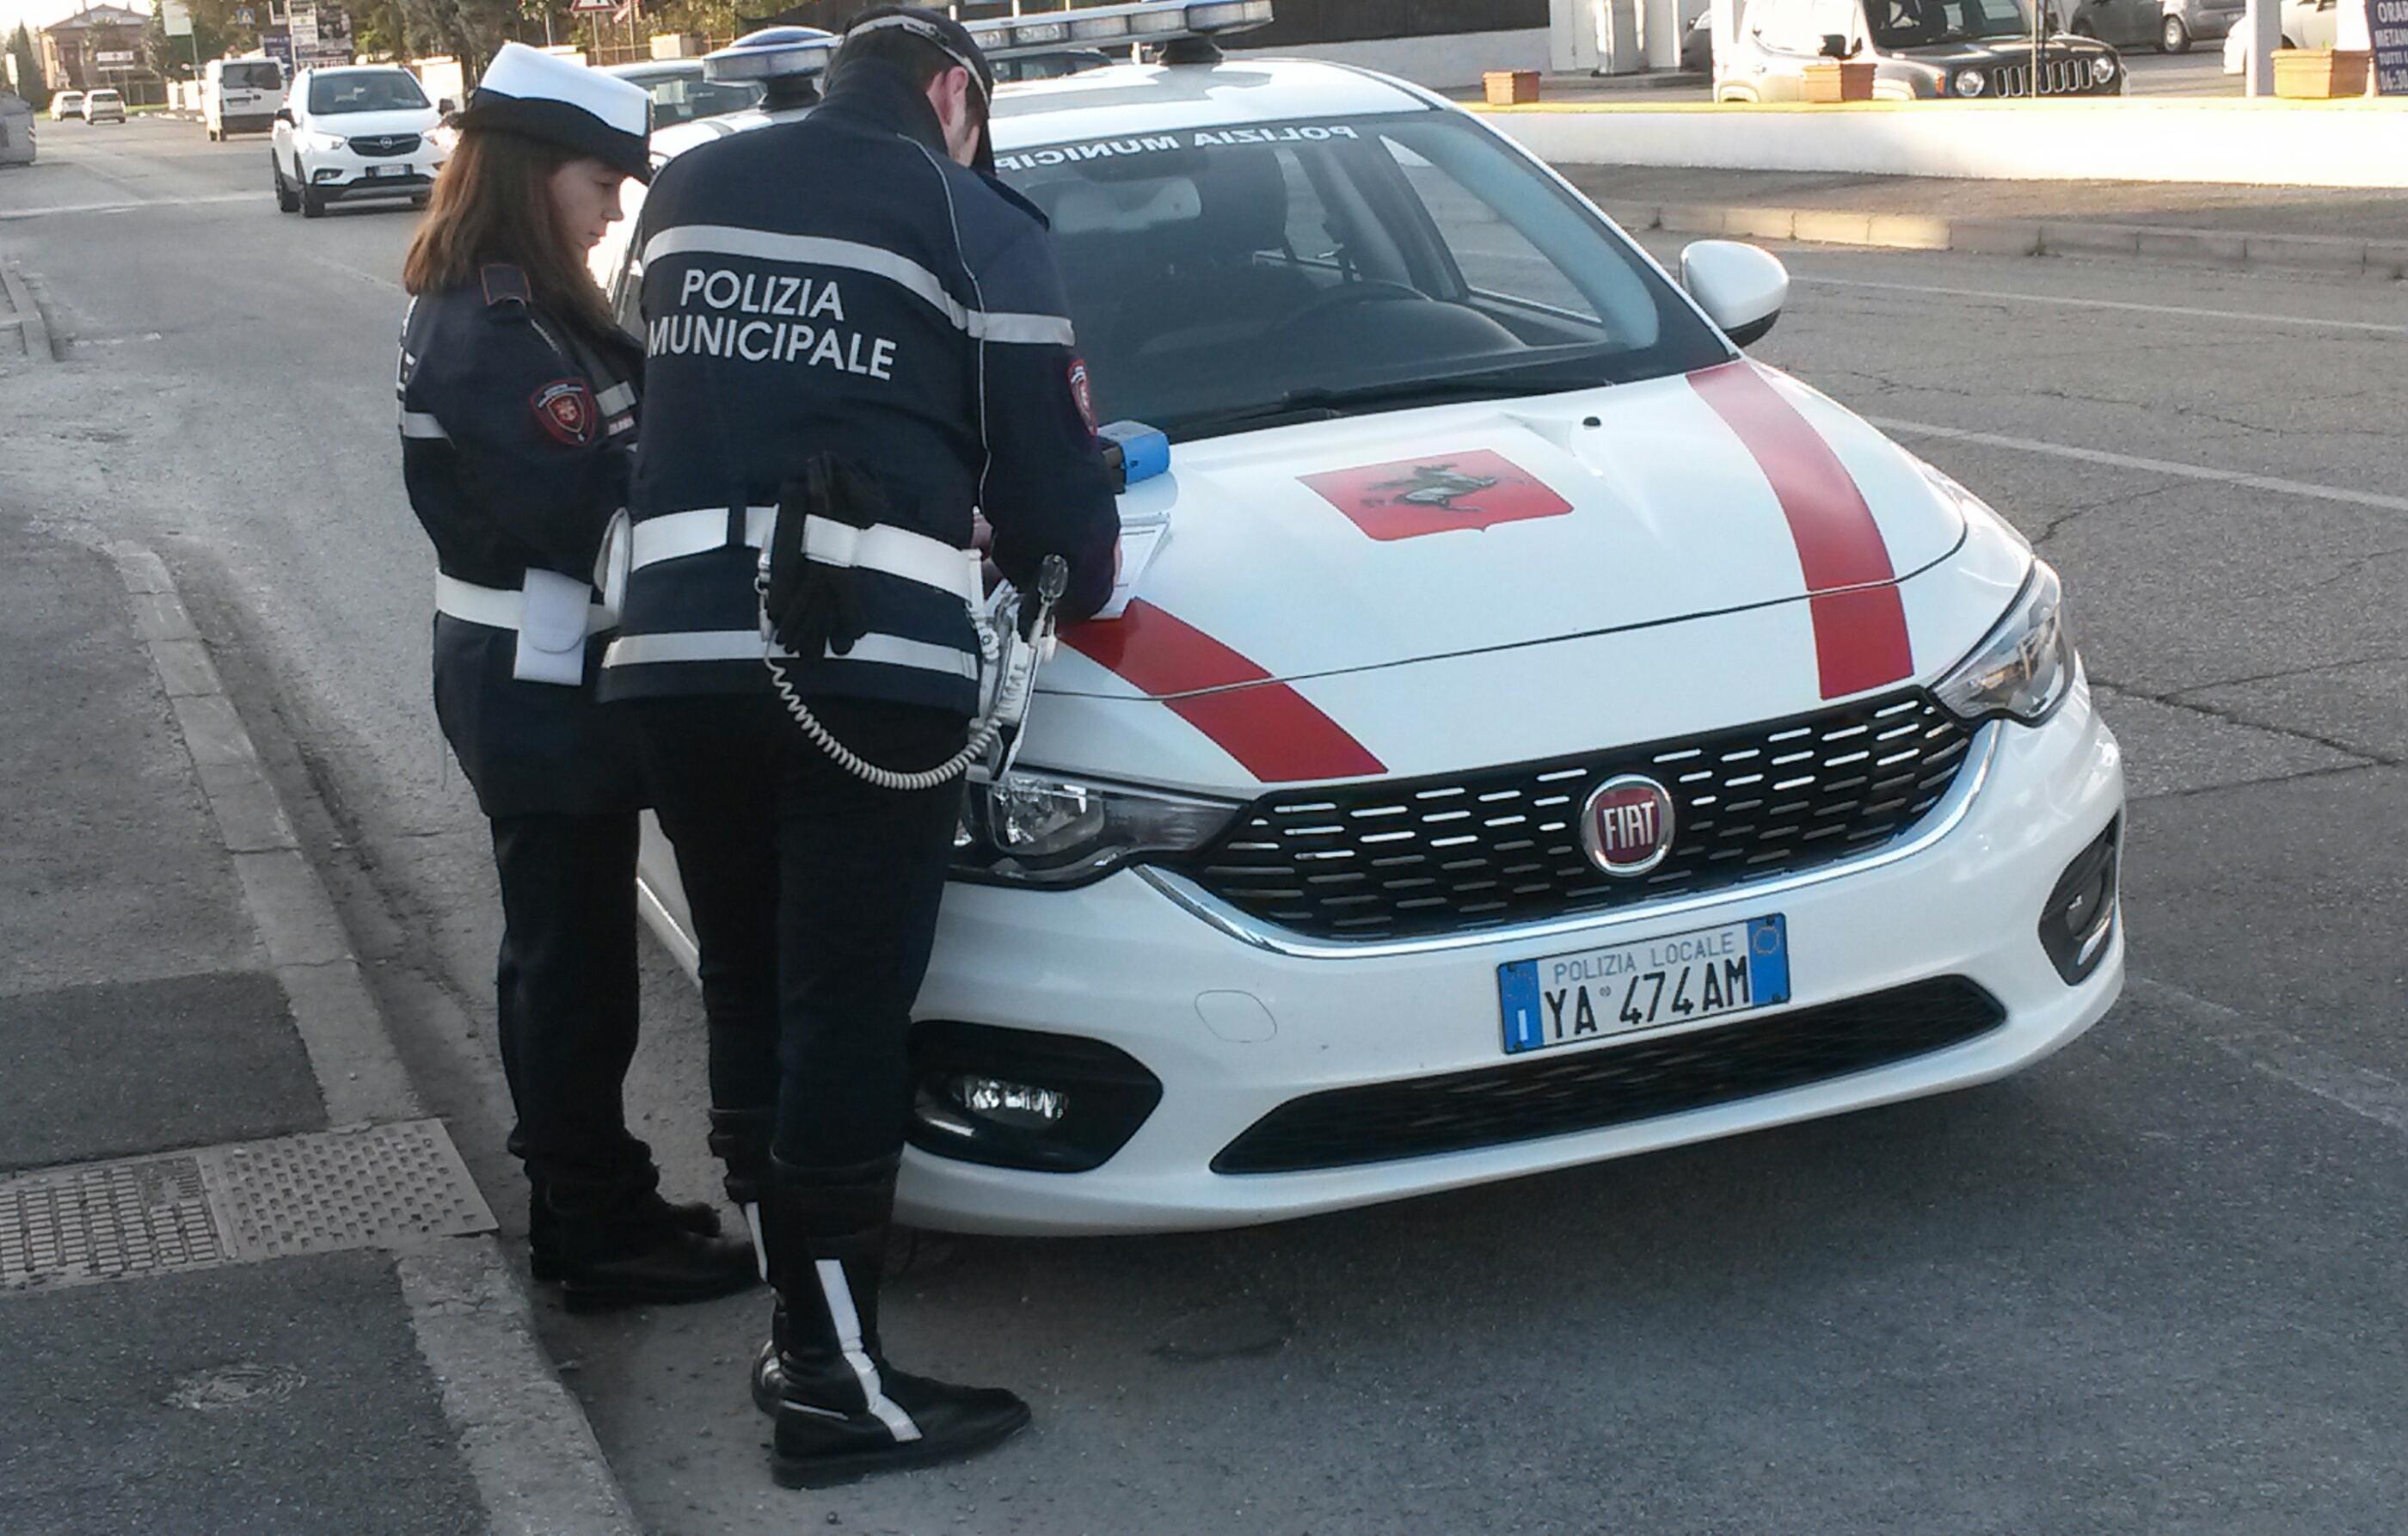 Investe donna sulle strisce e scappa, preso dopo poco ad Arezzo